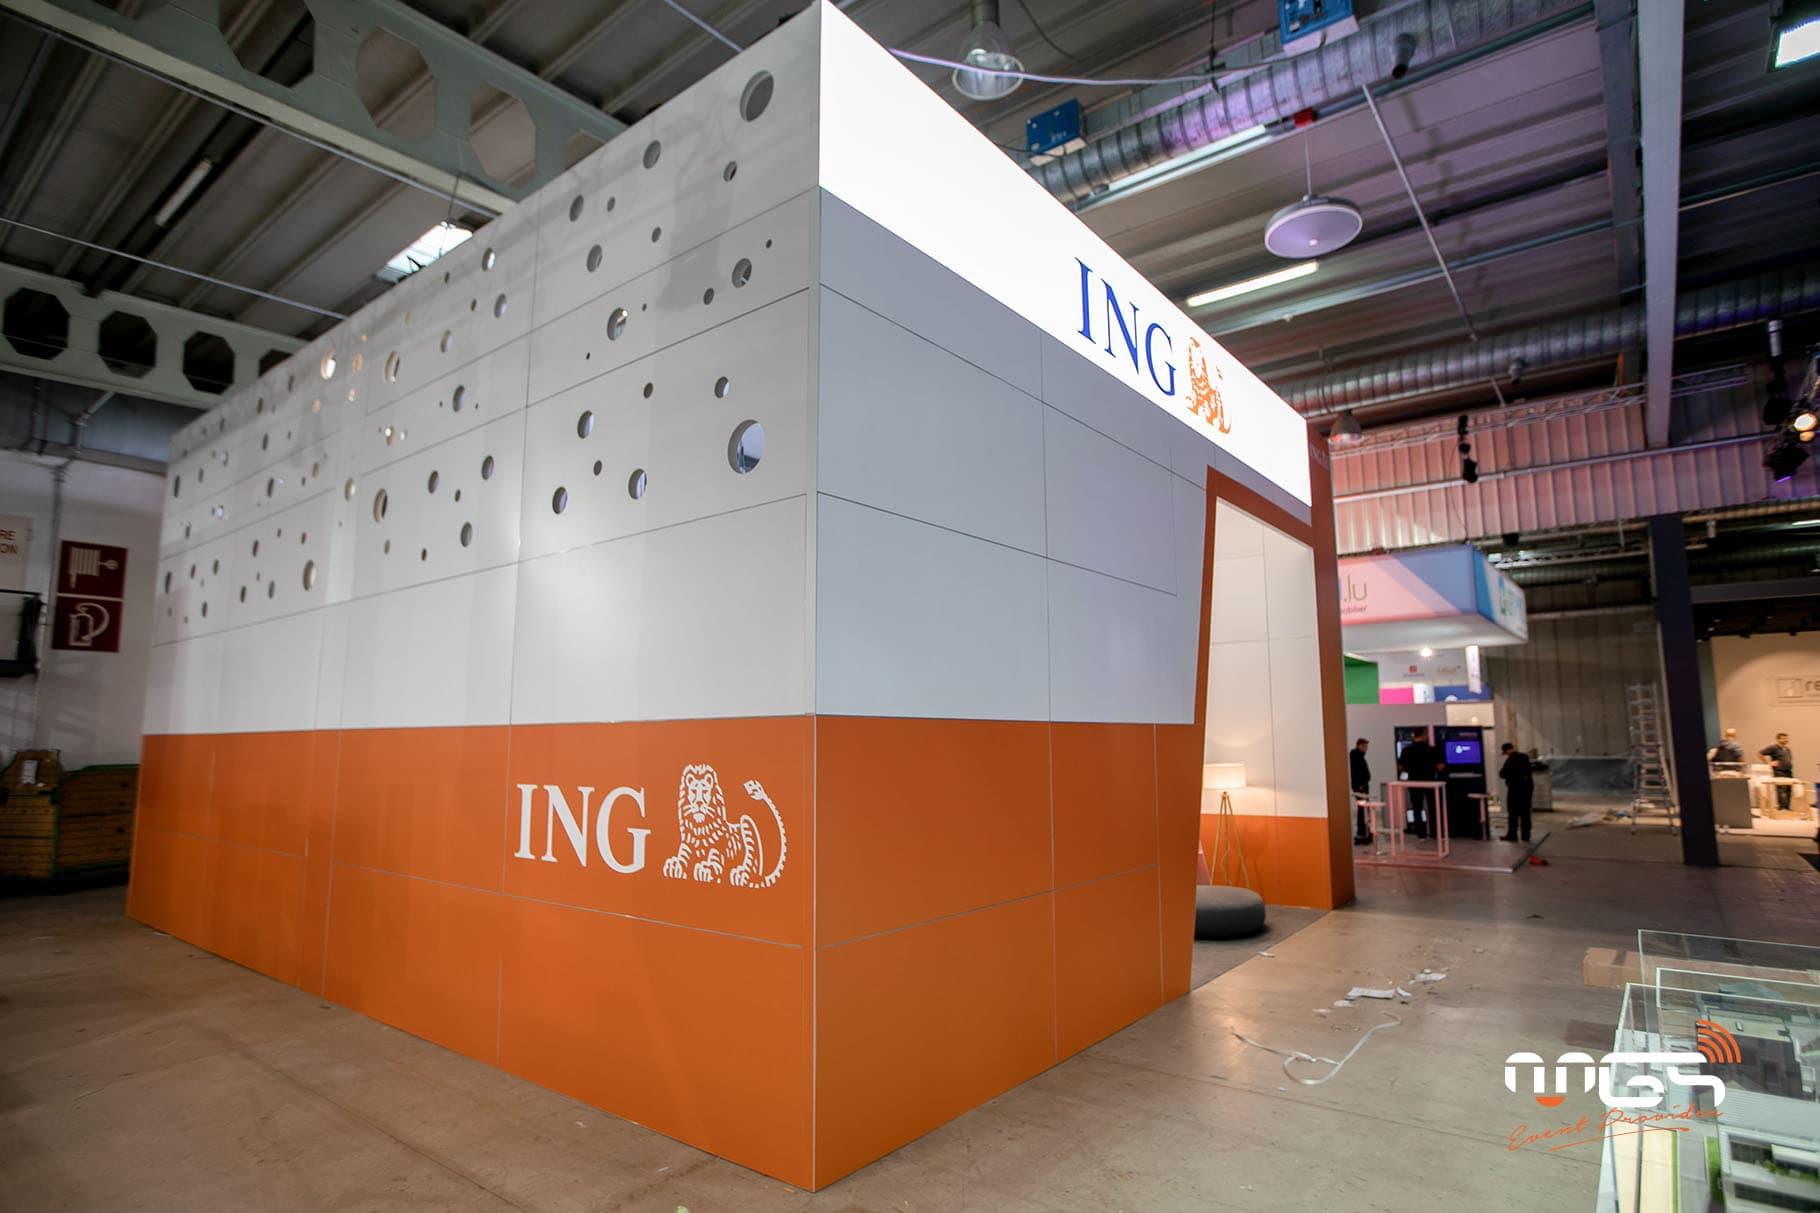 Conception et réalisation du stand ING sur deux étages